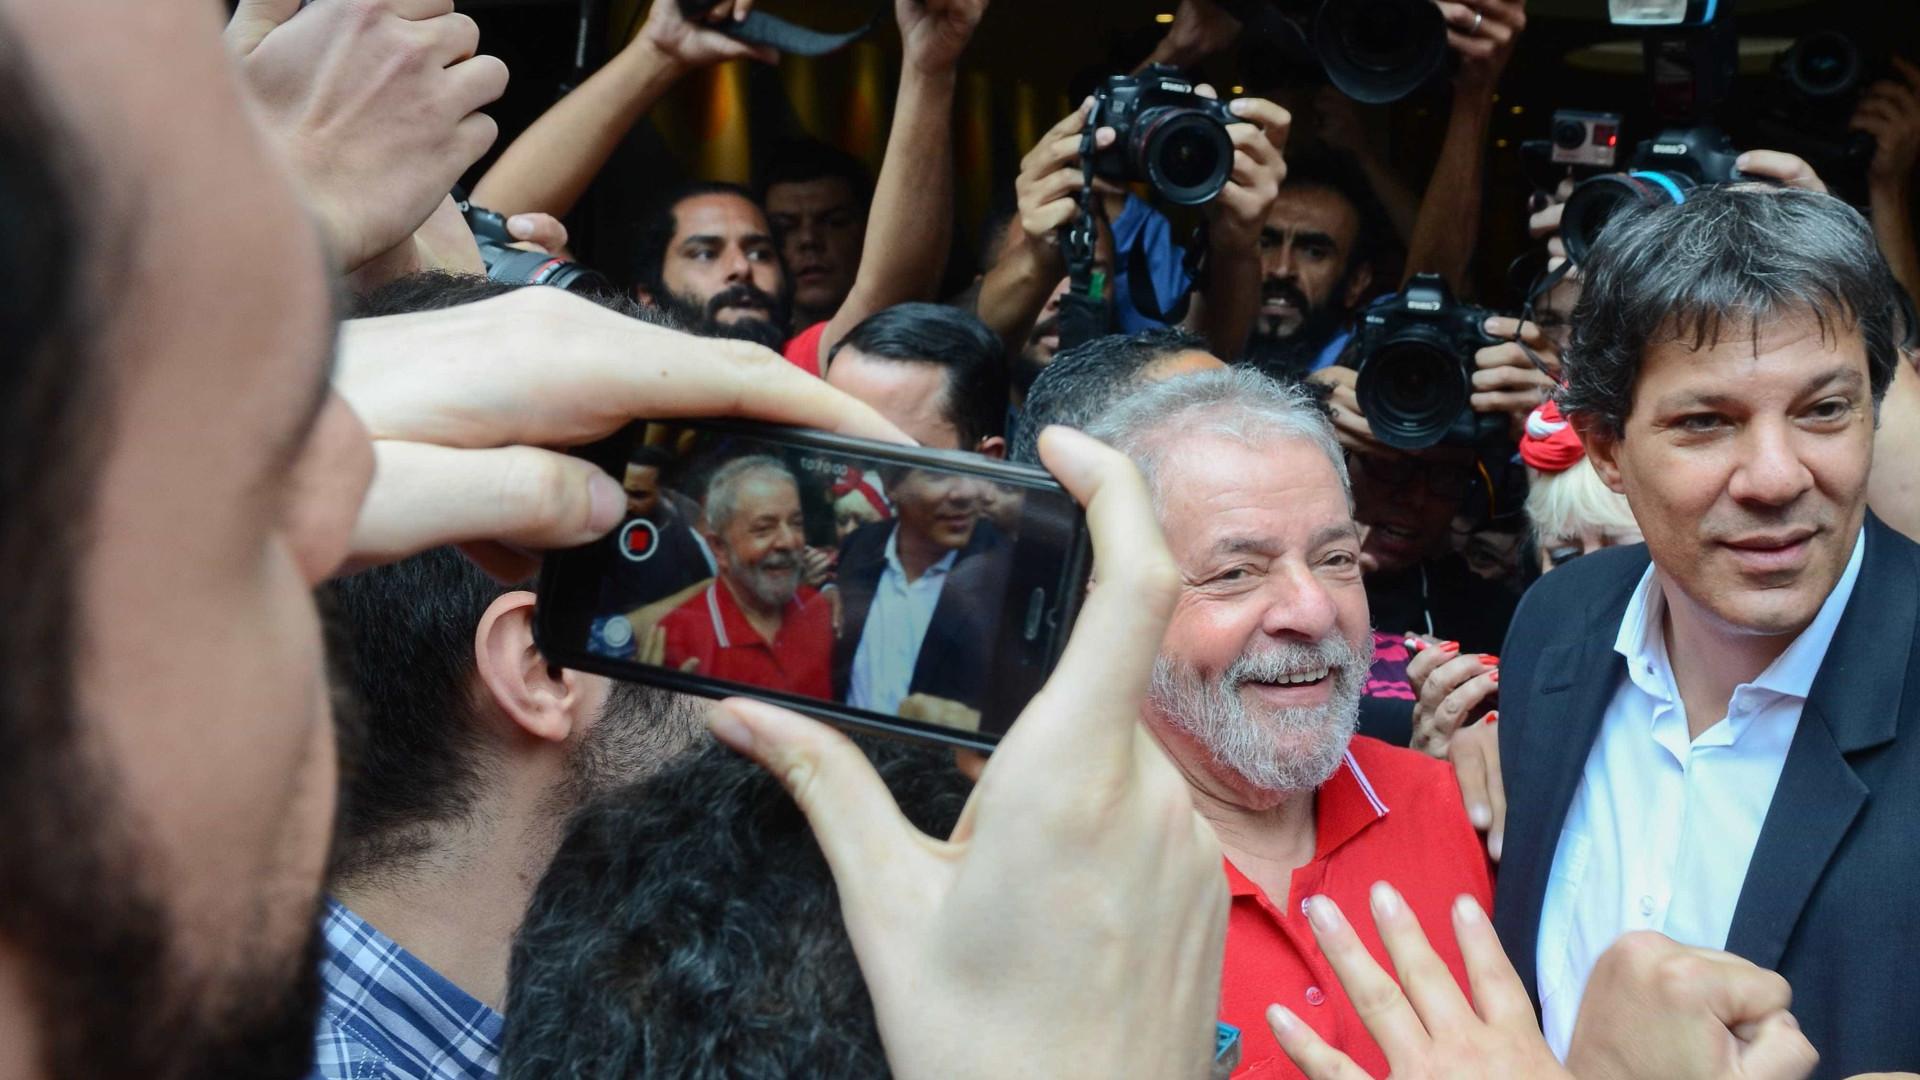 Se STF analisar Constituição, não há o que temer, diz Haddad sobre Lula